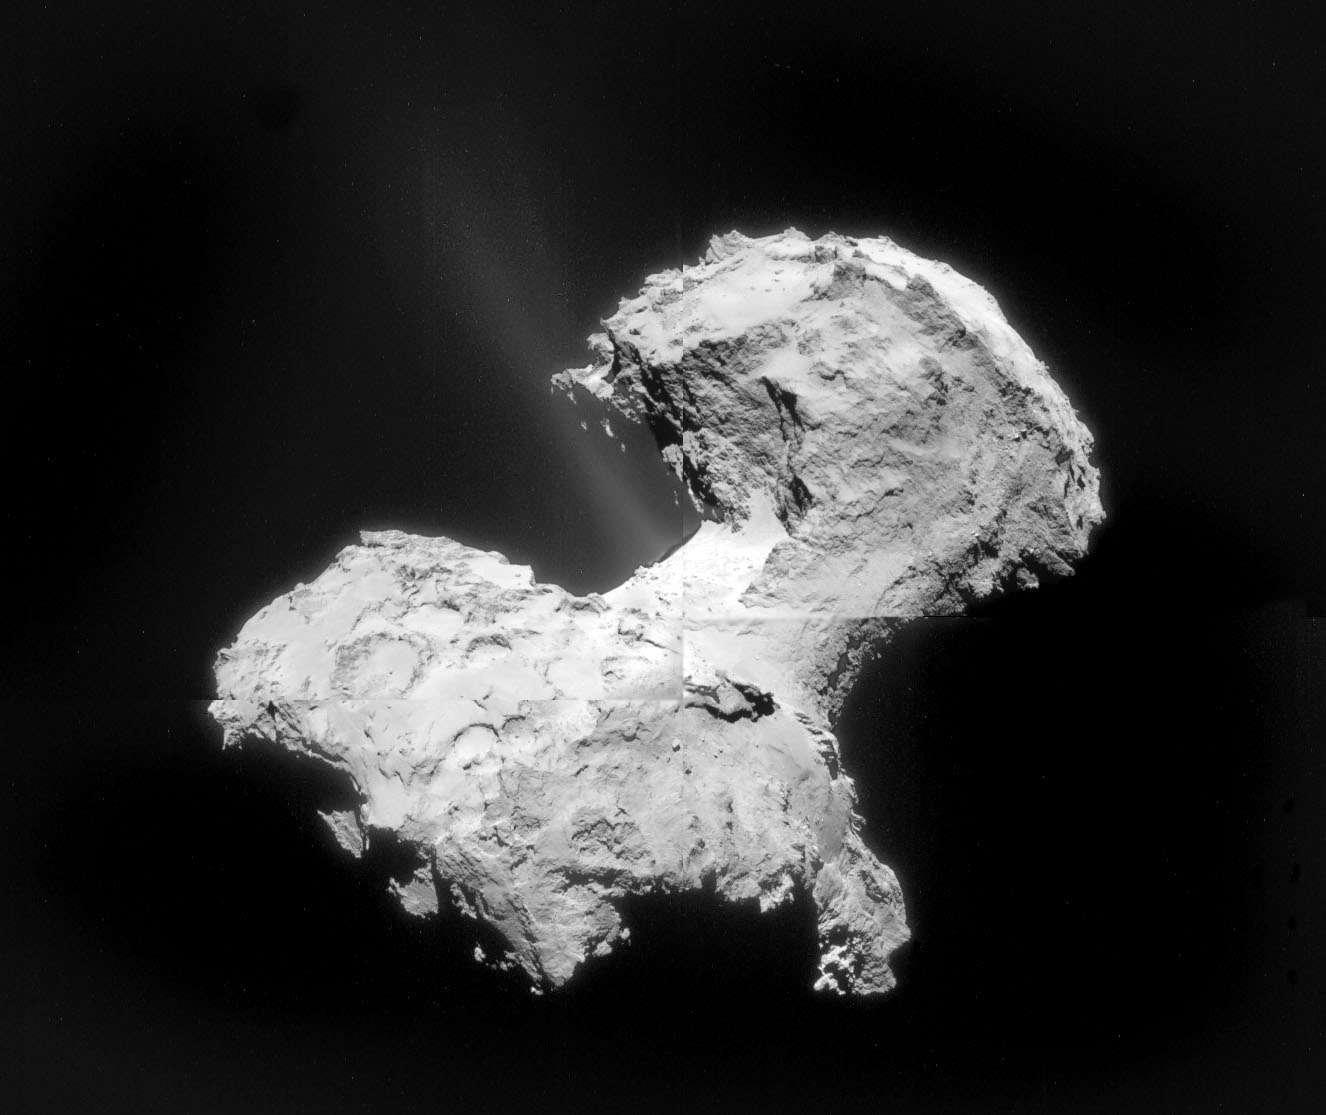 L'astronome amateur Bob King a assemblé quatre clichés pris par la caméra de navigation (NavCam) de Rosetta, le 2 septembre dernier alors que la sonde spatiale n'était qu'à 56 km de la surface du noyau de 67P/C-G. Le travail de l'image fait ici davantage ressortir le faisceau diffus de gaz émis par la comète. © Esa, Rosetta, Navcam, Bob King